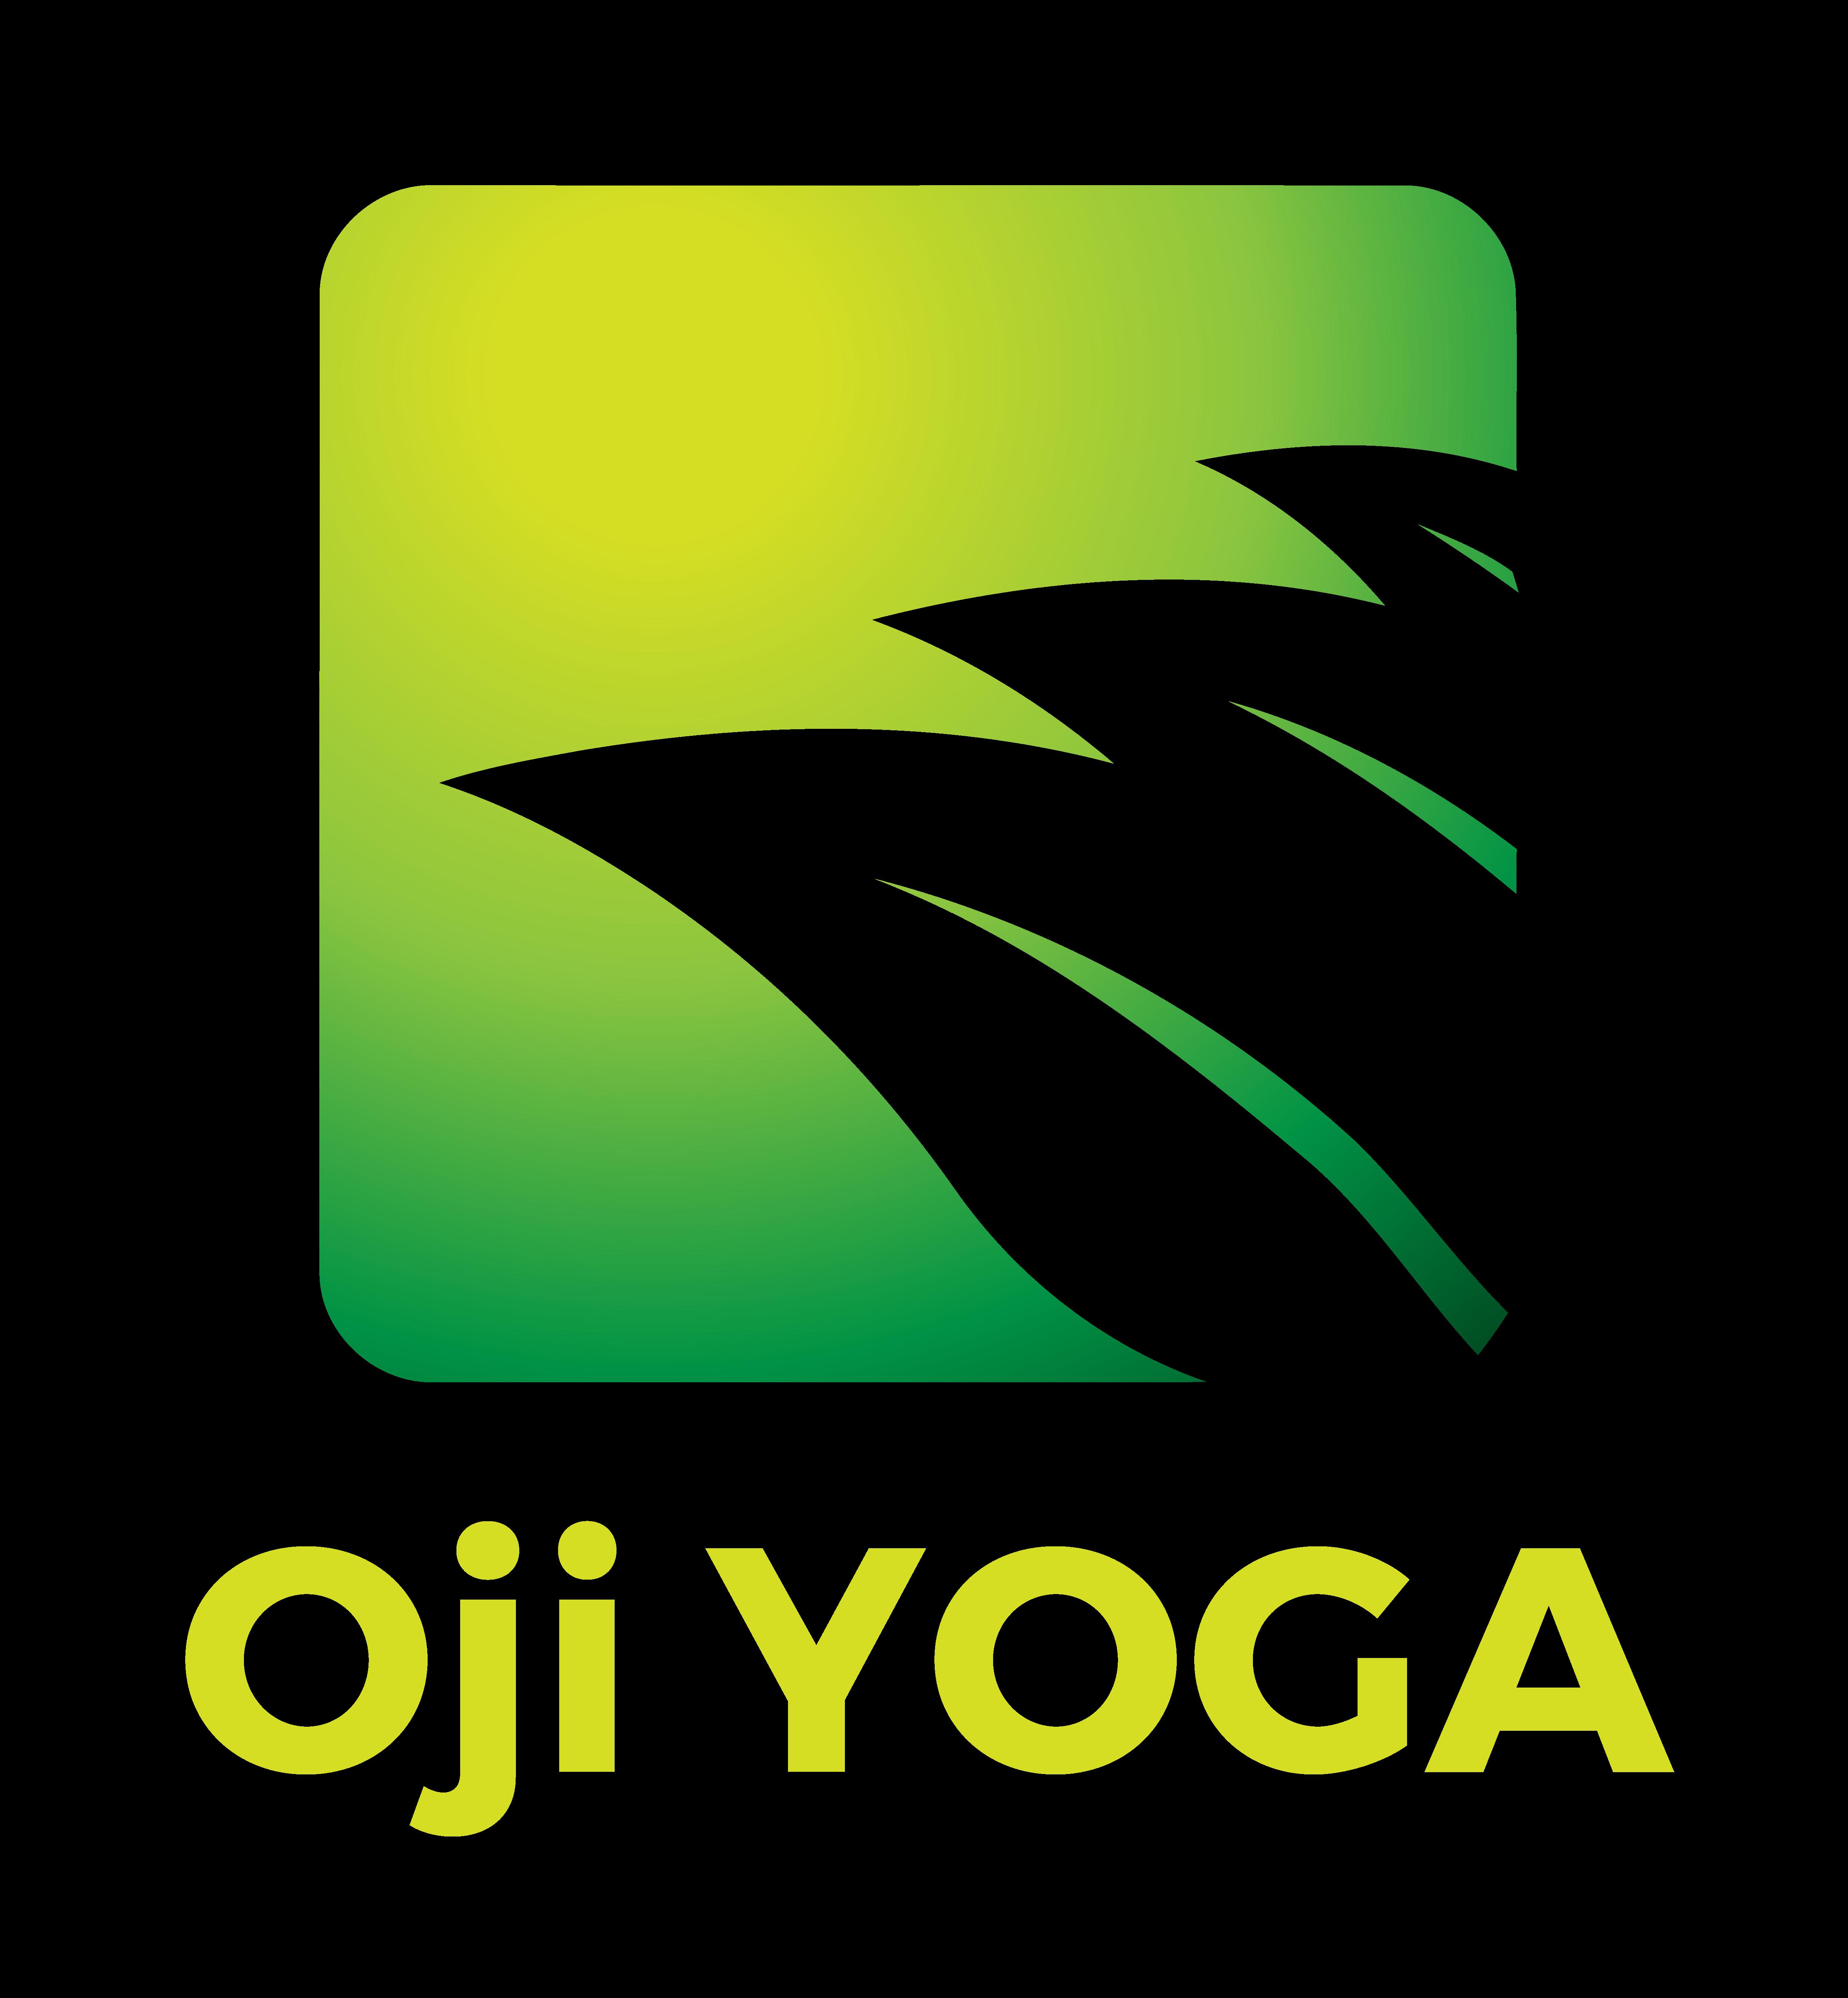 Oji YOGA STUDIO